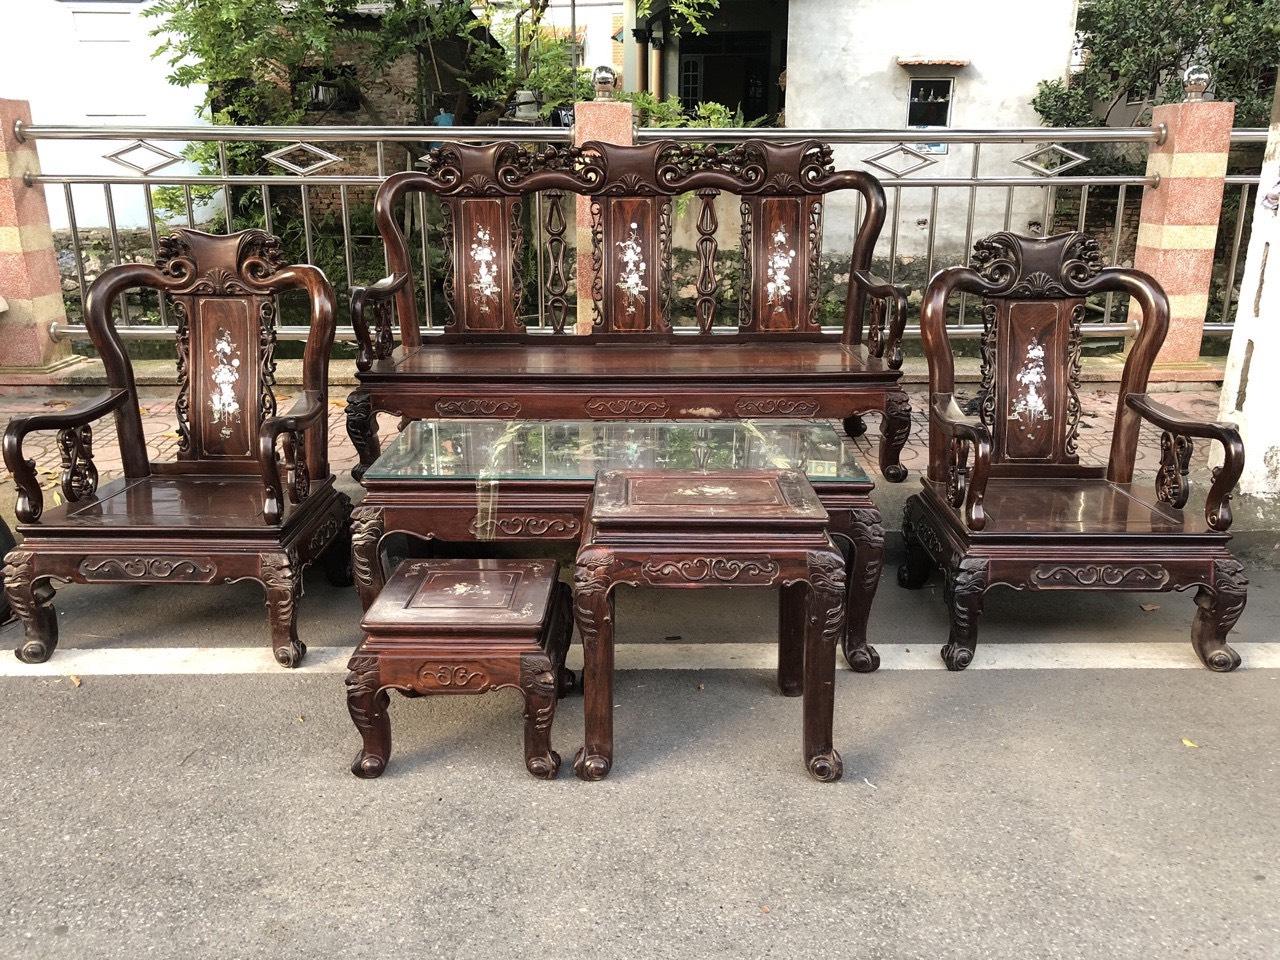 thu mua bàn ghế gỗ gụ cũ tại Hà Nội